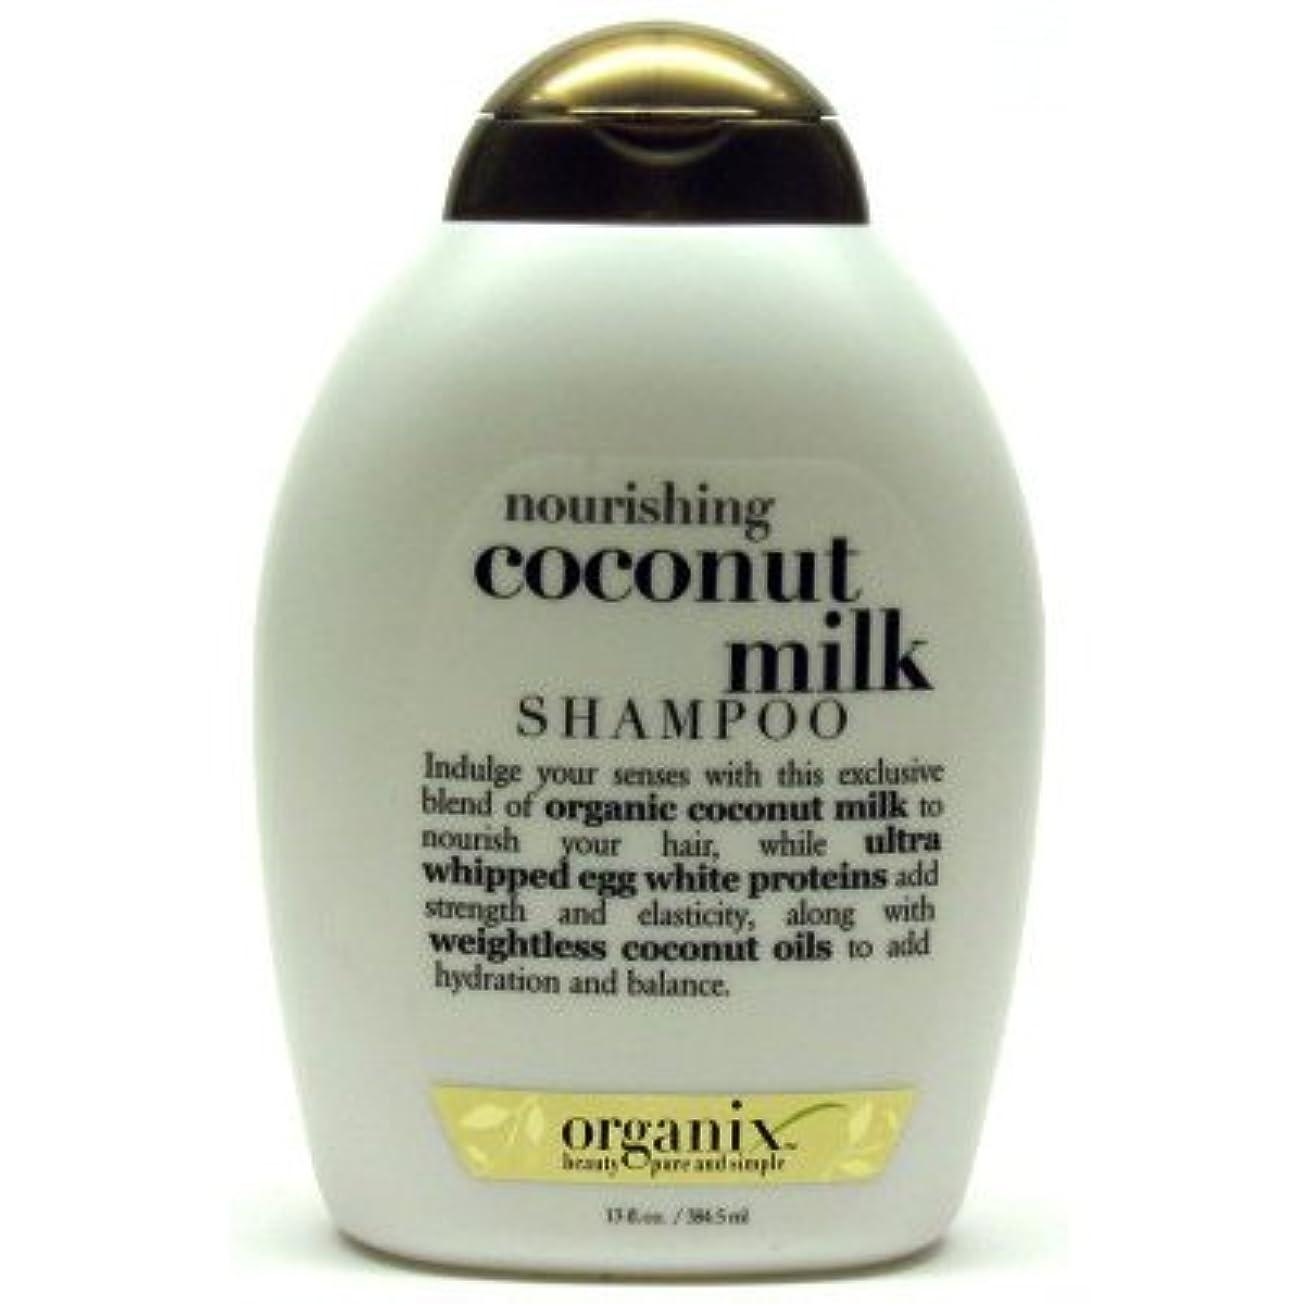 活力付ける擬人髪いきいきココナッツミルクシャンプー 384ml (並行輸入品)